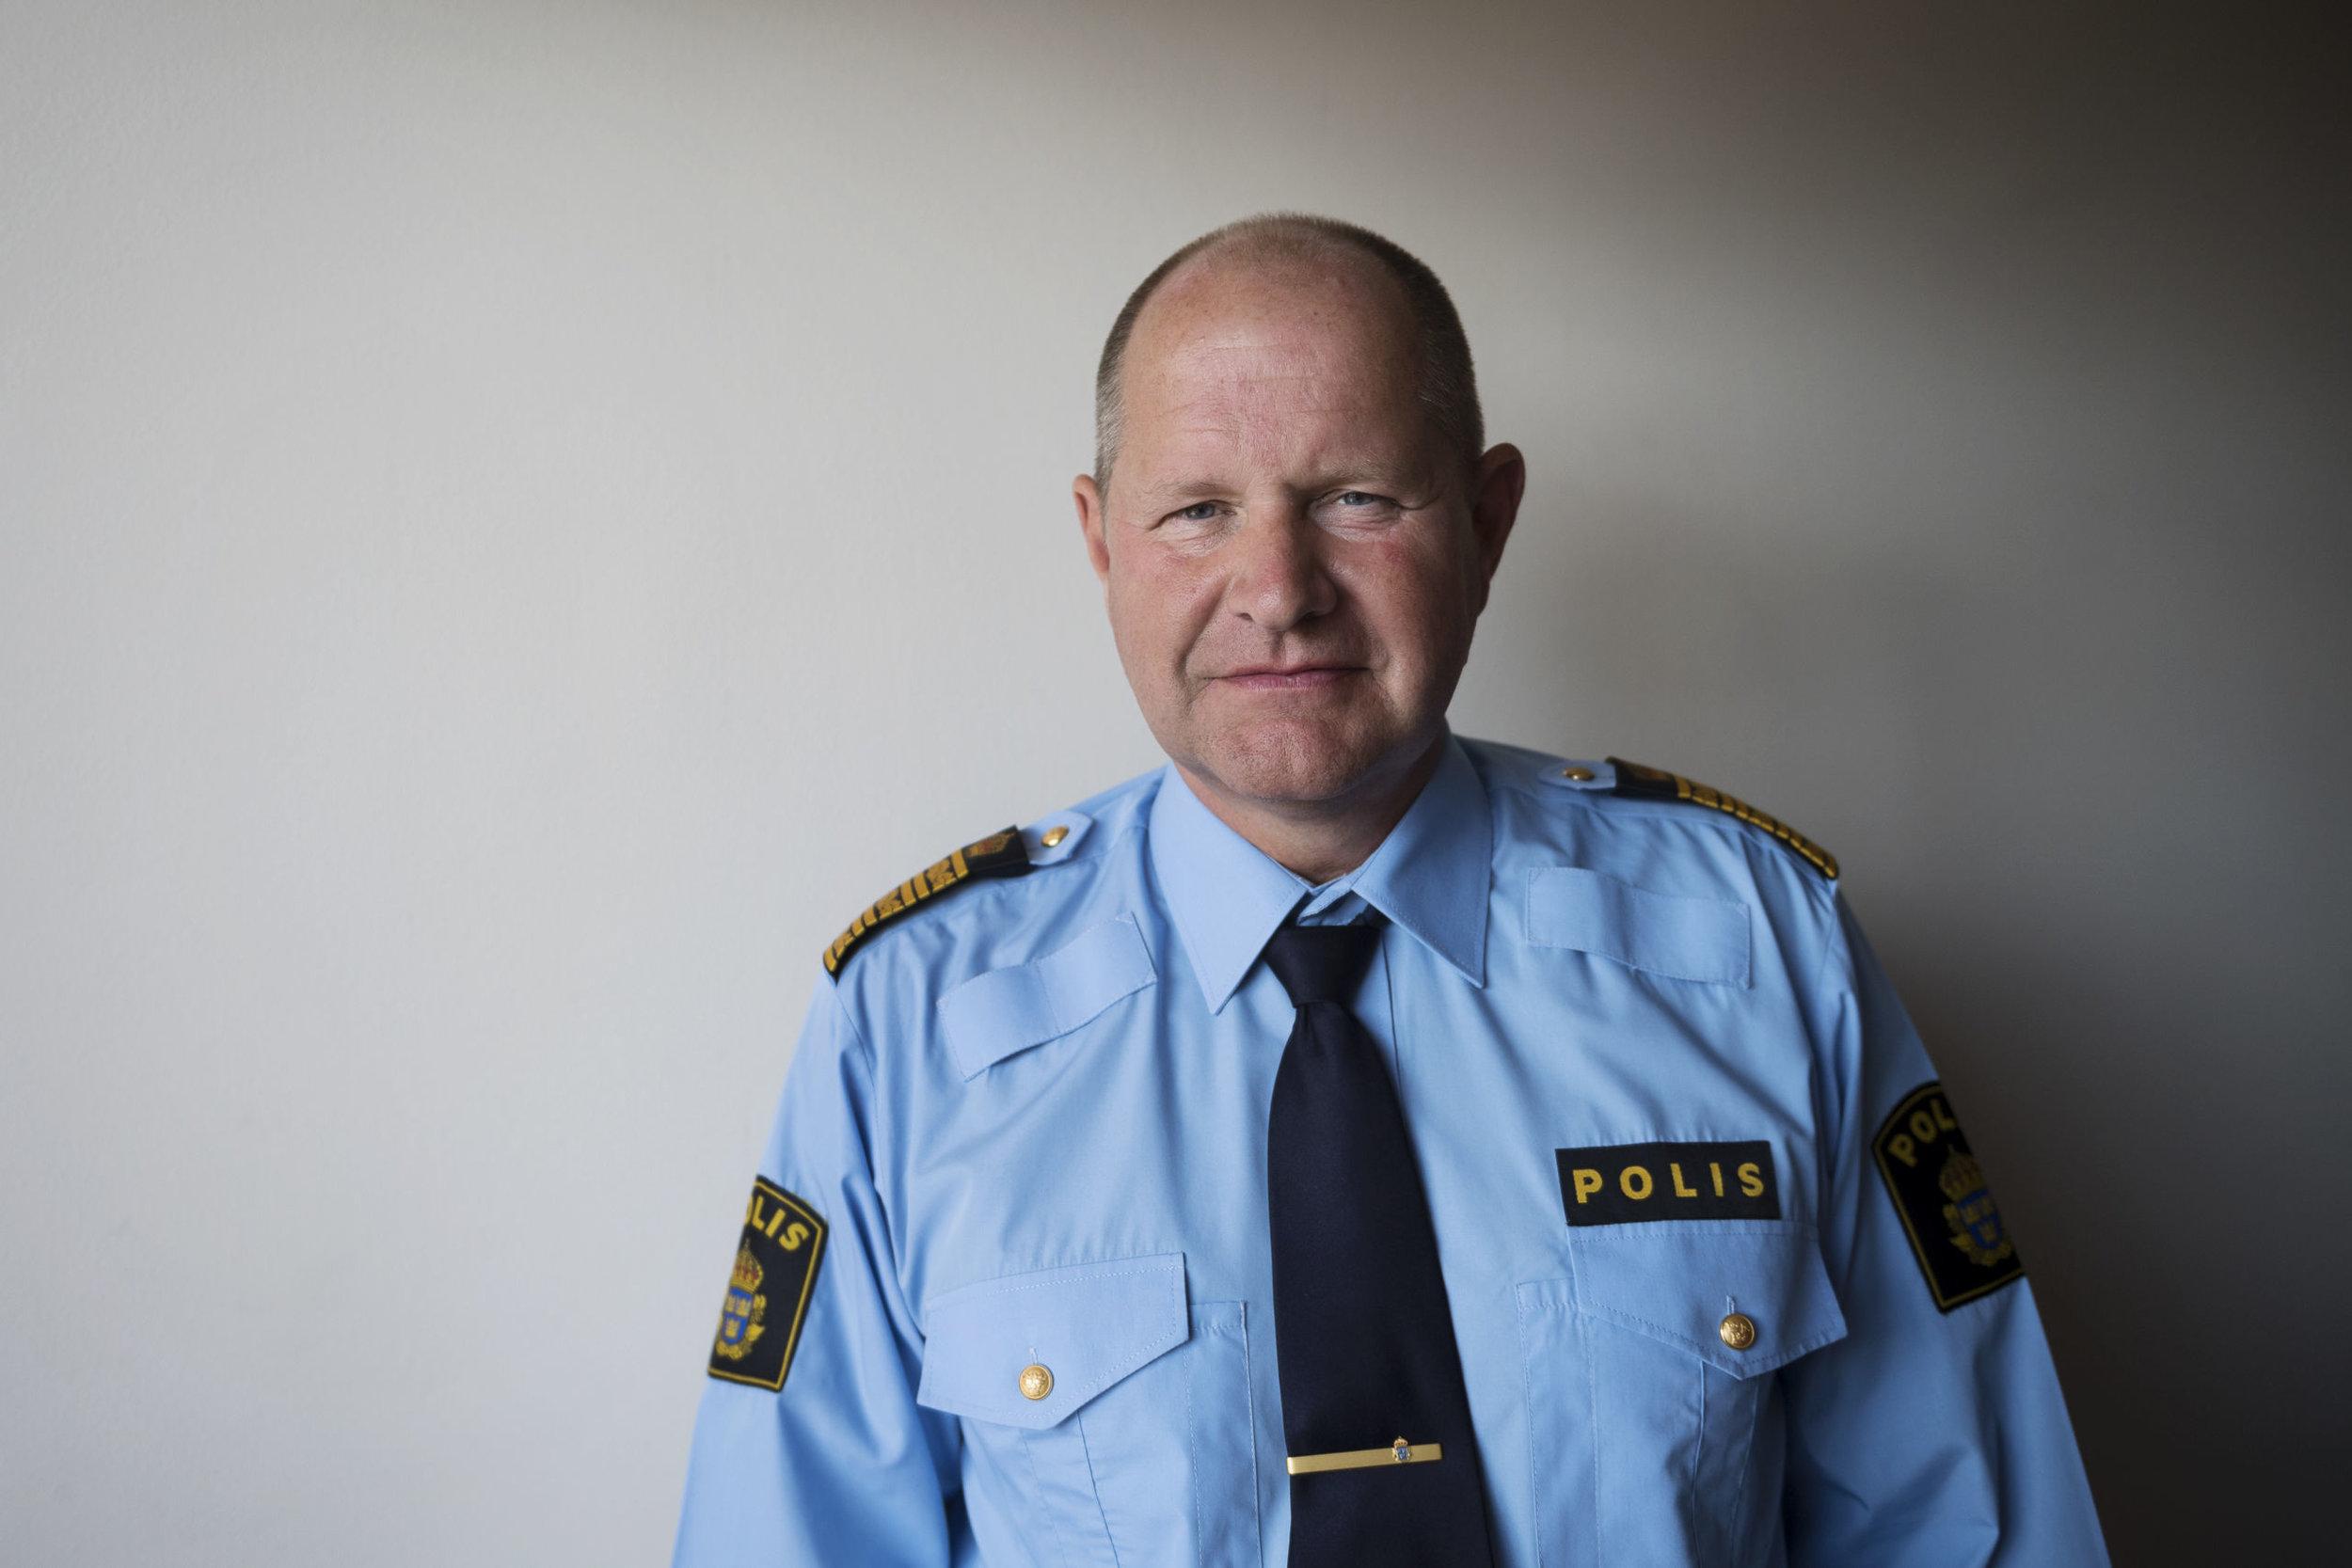 Rikspolischefen Dan Eliasson är tydlig med att säga att han tar ansvar för att försöka komma till rätta till problemen inom Polisen. Men händer det något eller är det bara något han säger? Bild: Vilhelm Stokstad/TT/Sydsvenskan